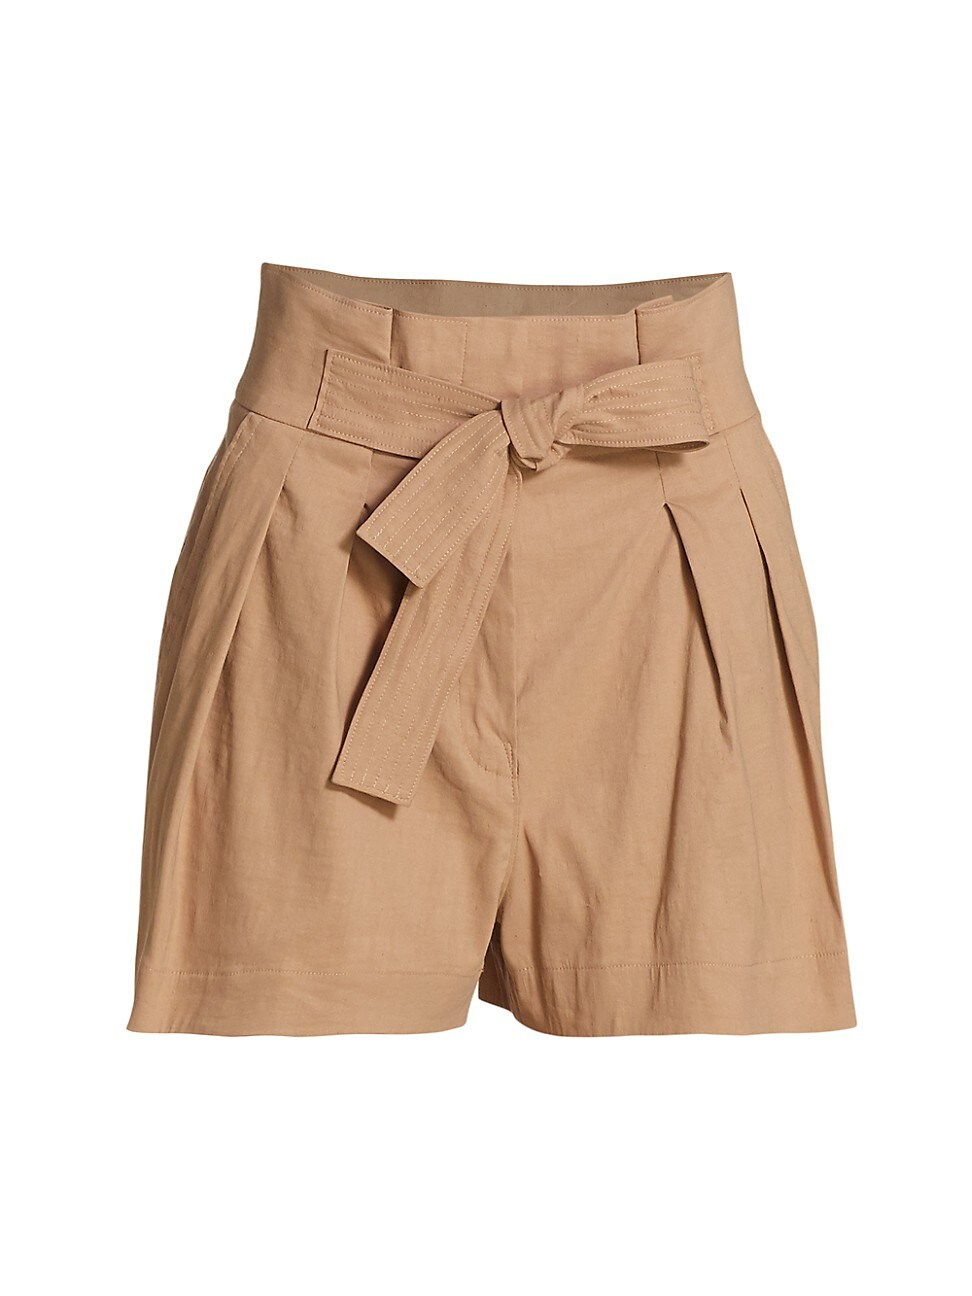 A.l.c Women's Joelle Paperbag Shorts In Dulce